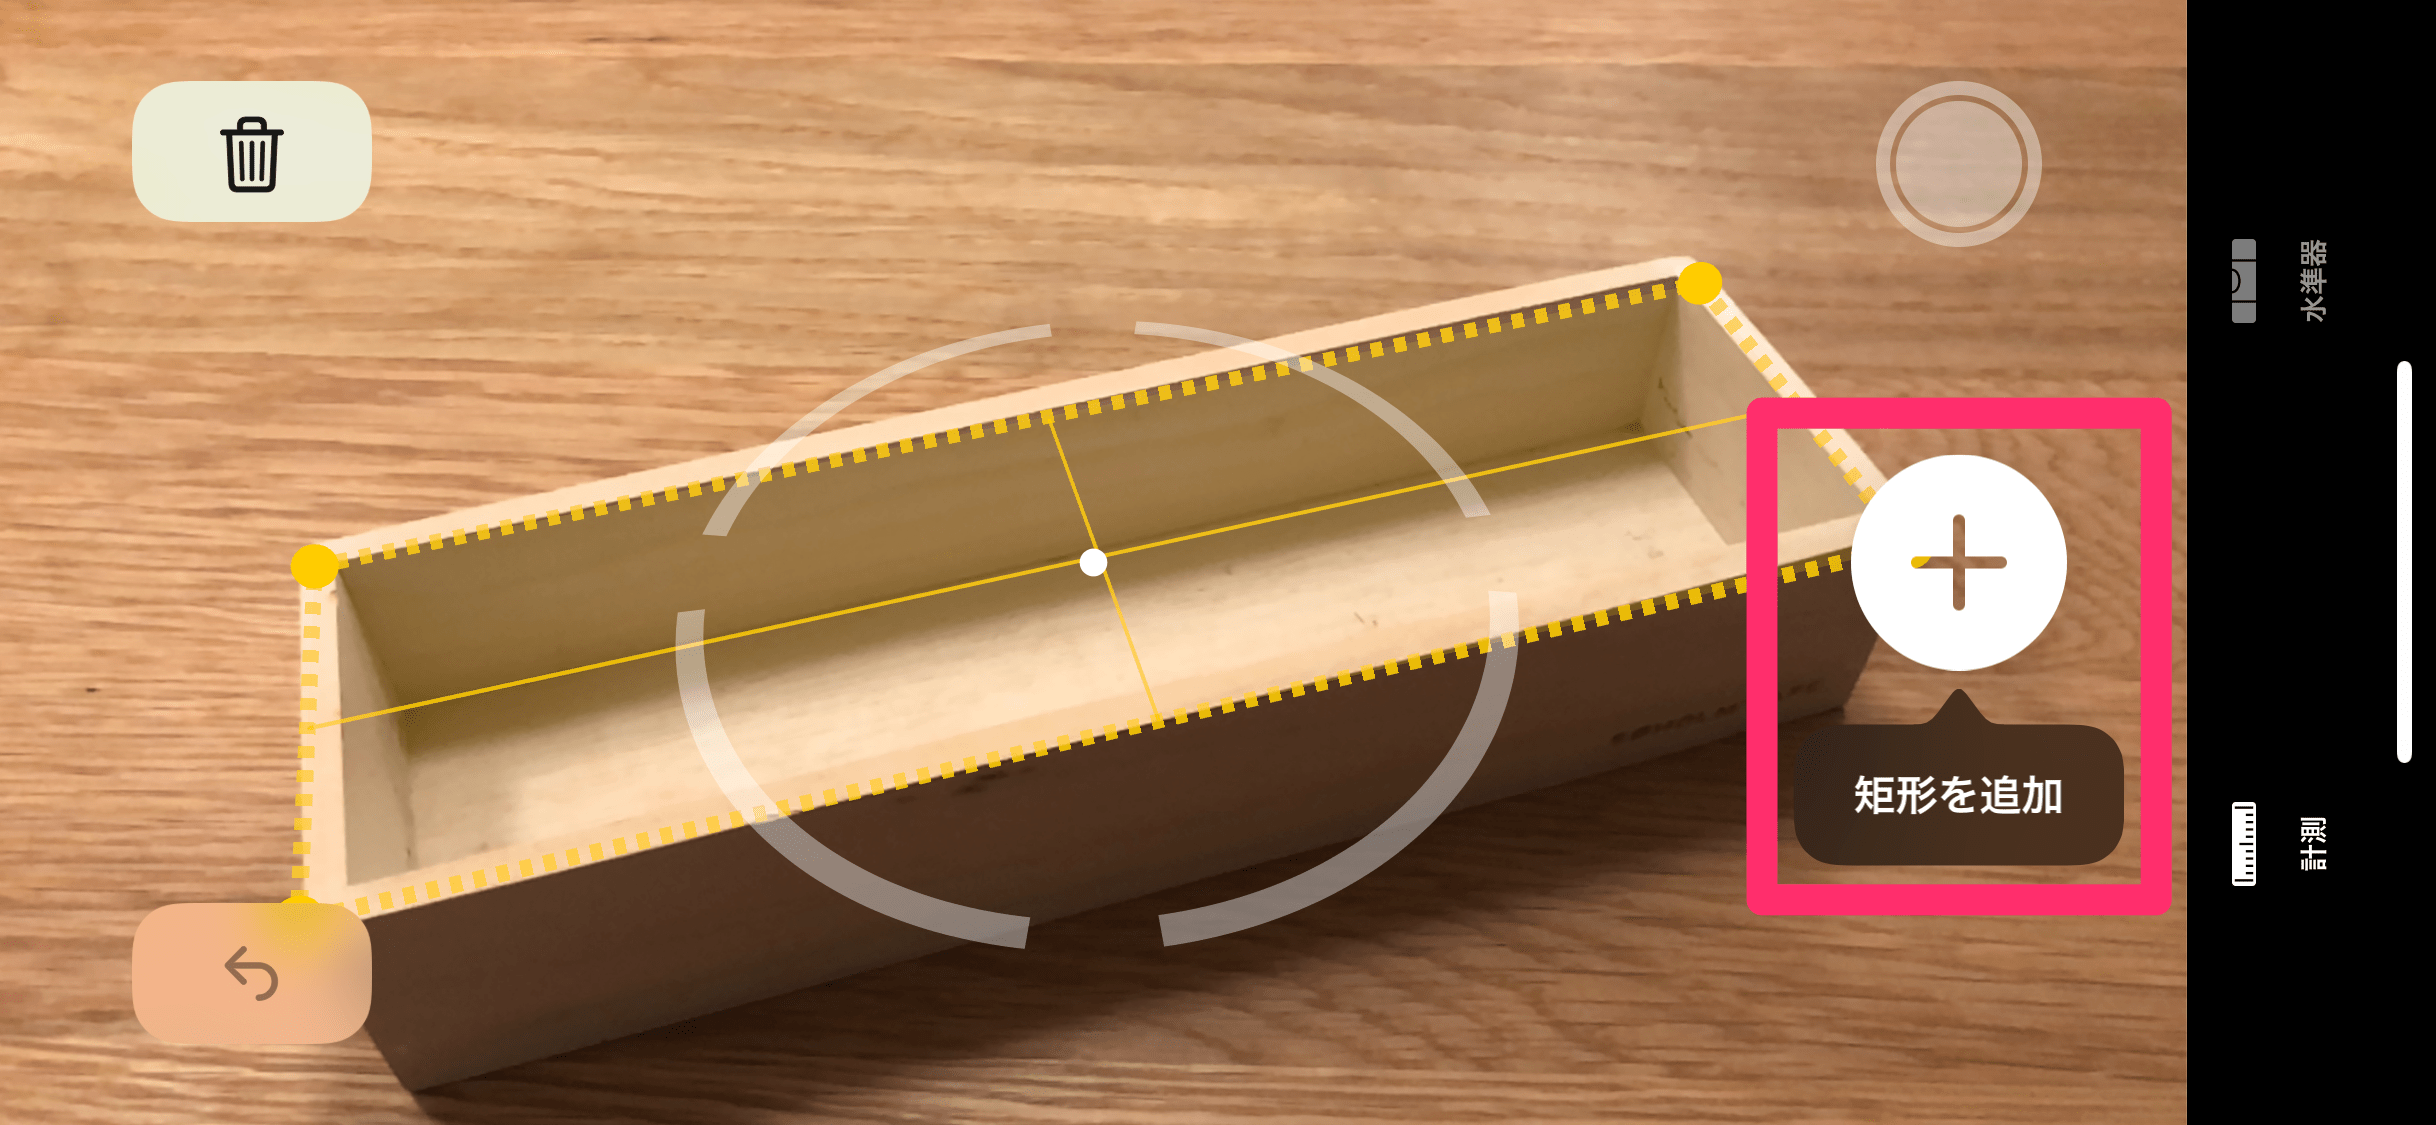 【iOS12新機能】iPhoneが定規に!? 標準アプリ「計測」でカメラを通して見た物のサイズを測る